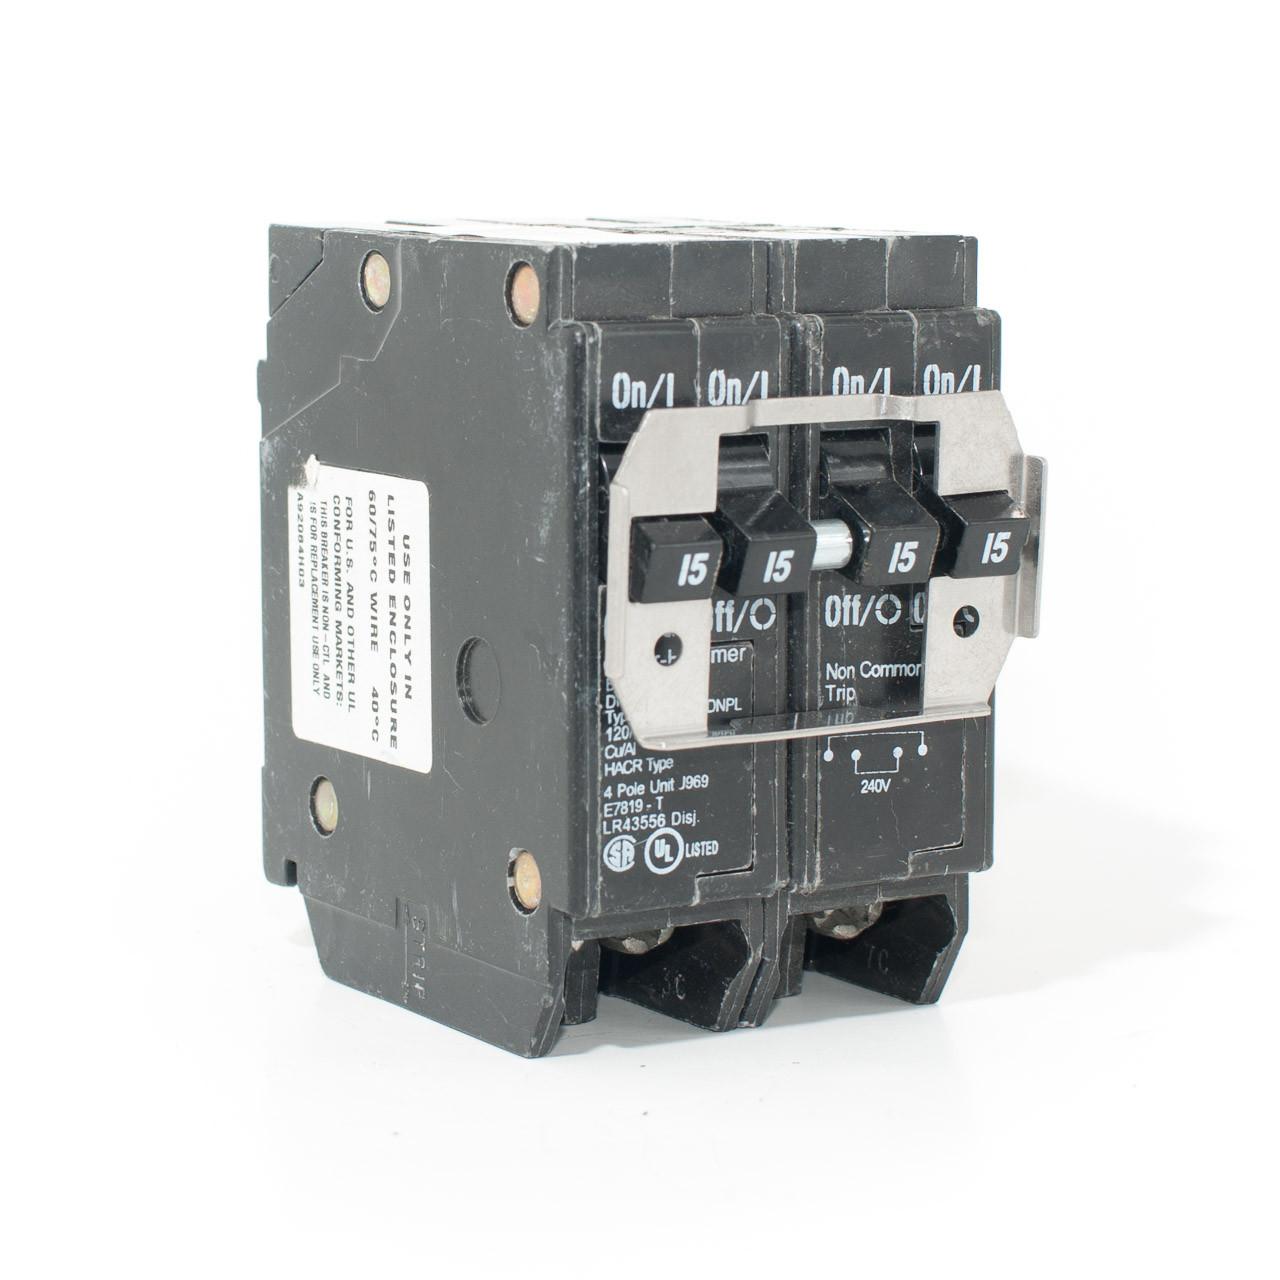 Eaton Cutler-Hammer DNPL215215 Quad 2P15/2P15 Push-On Breaker on